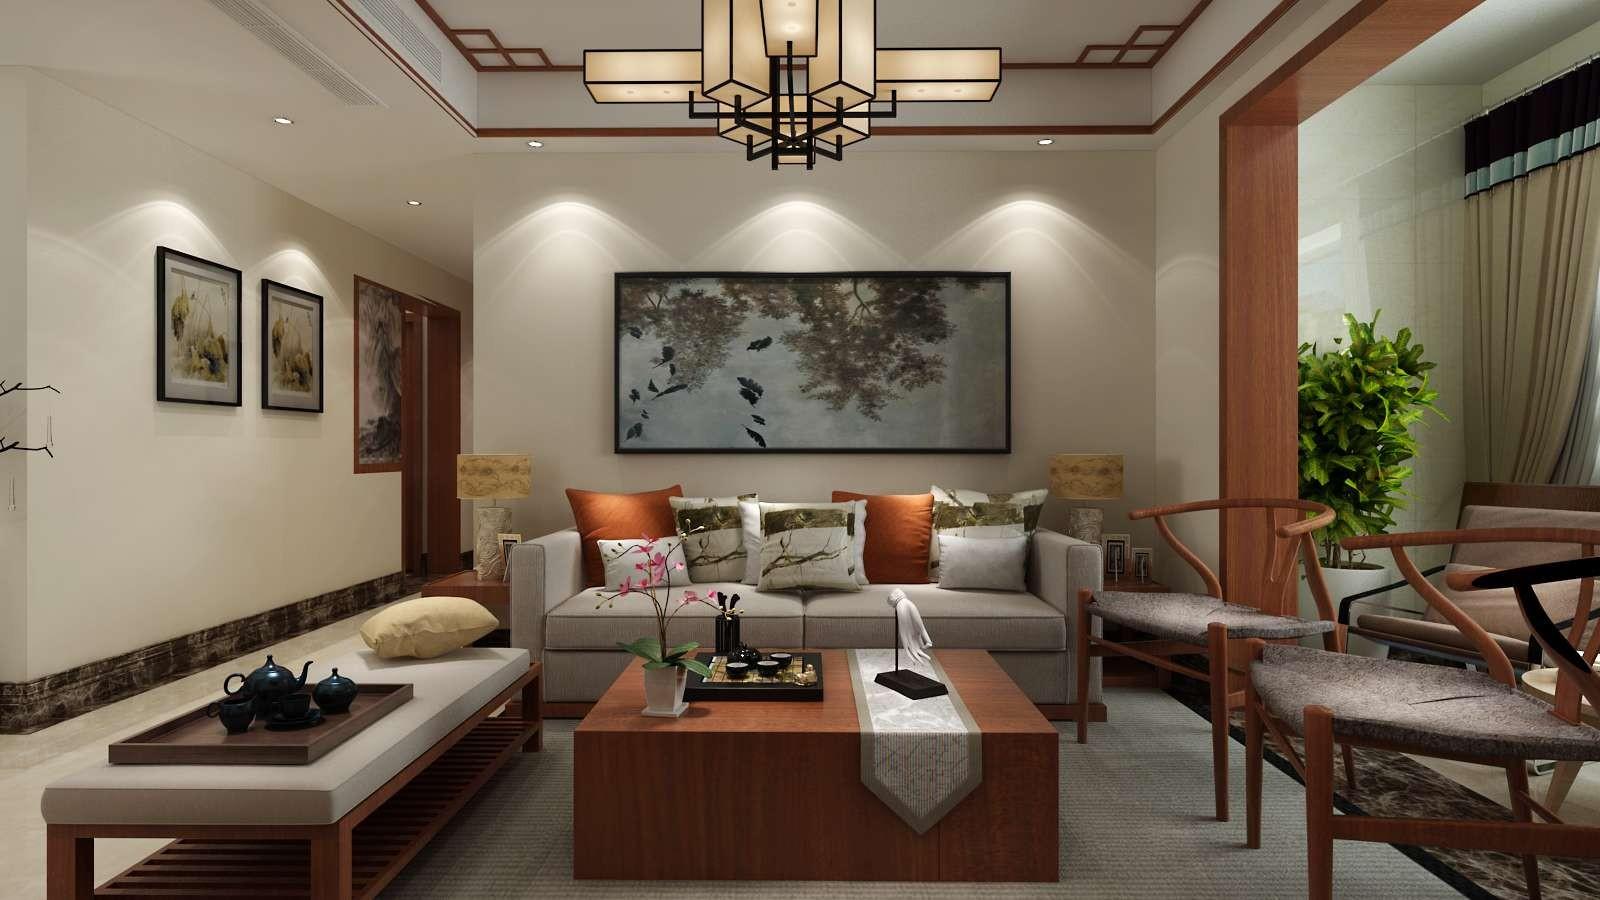 110平米新中式沙发背景墙装修效果图